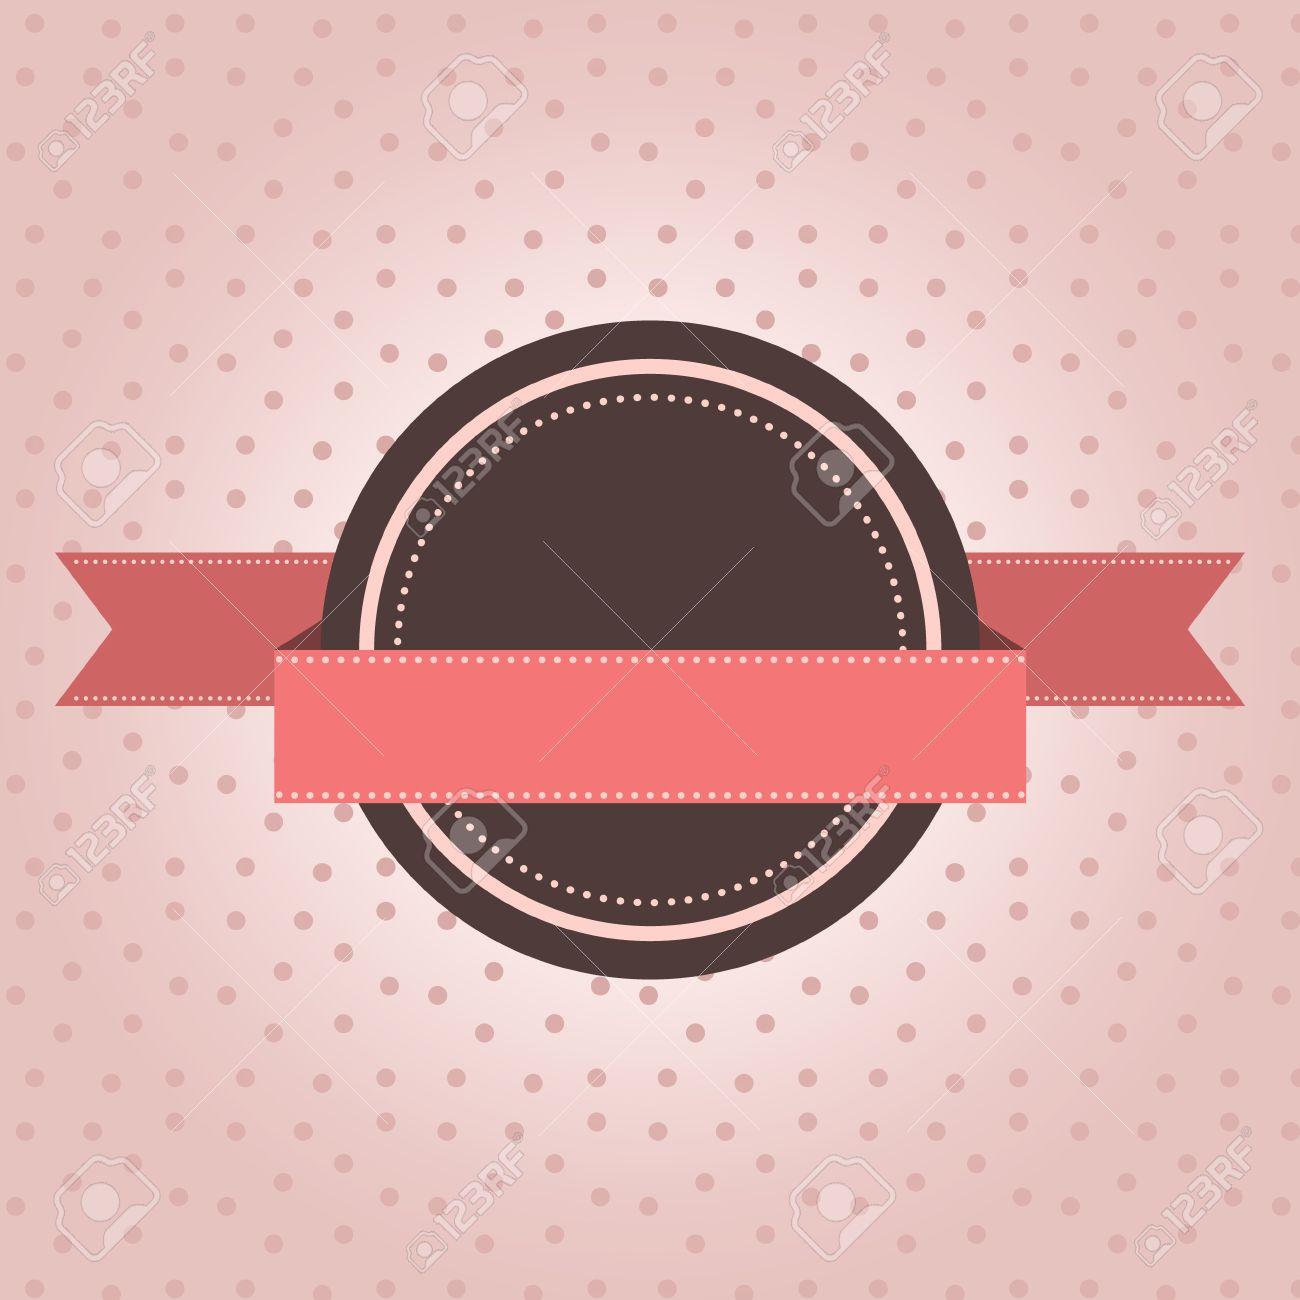 Vintage label with polka dot design on pink background - 18516309